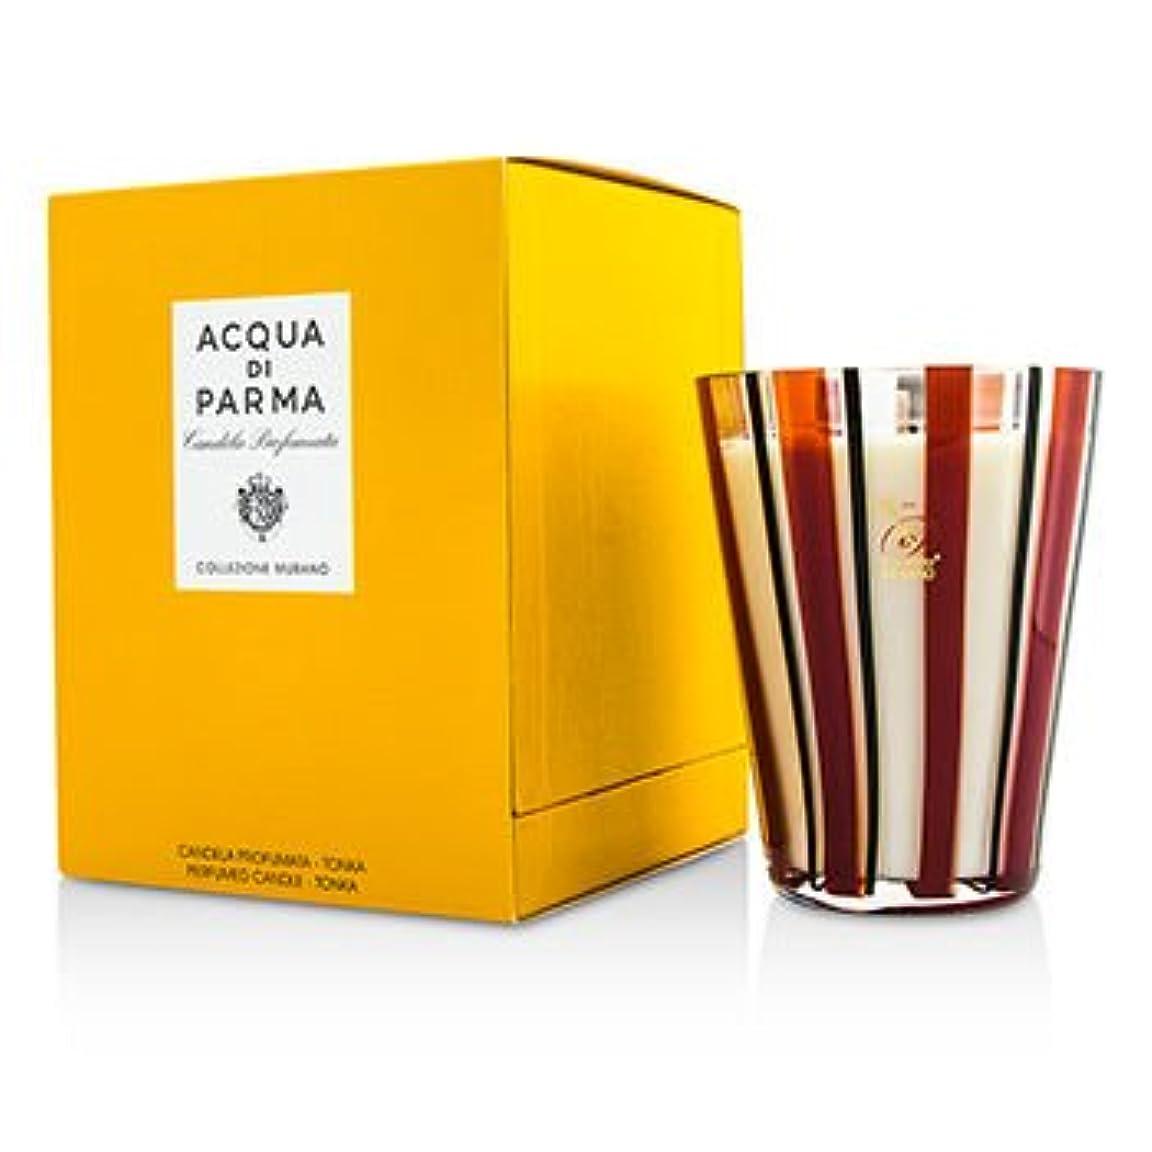 カップル革命エレベーター[Acqua Di Parma] Murano Glass Perfumed Candle - Tonka 200g/7.05oz